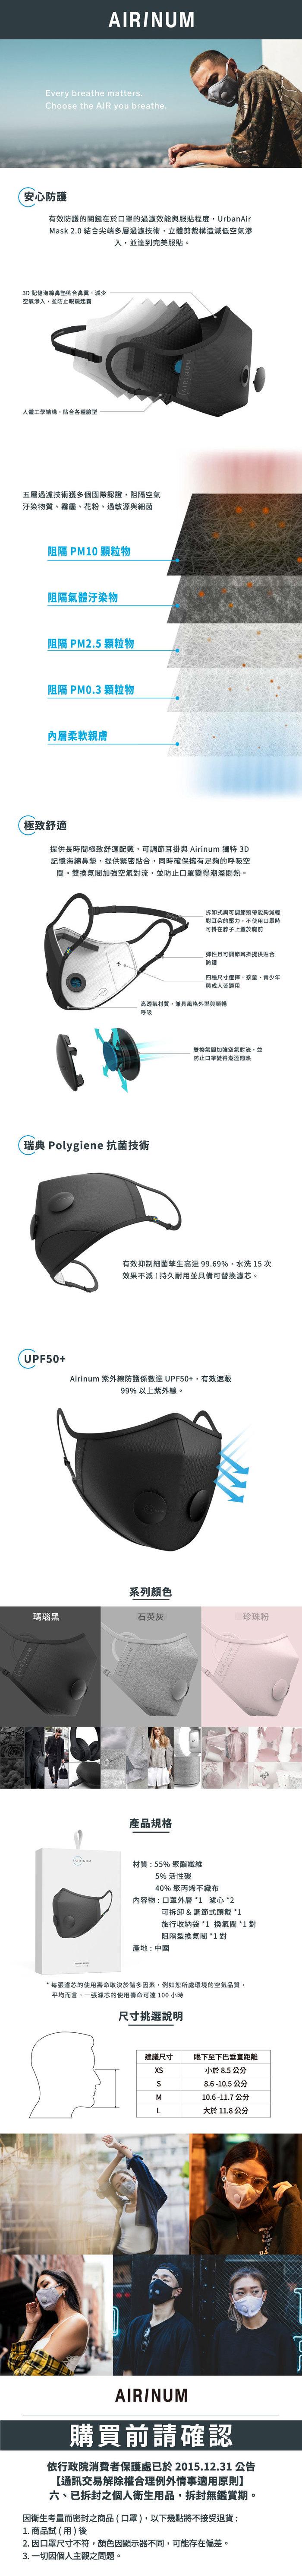 Airinum Urban Air Mask 2.0 口罩+一盒濾芯組合(瑪瑙黑)